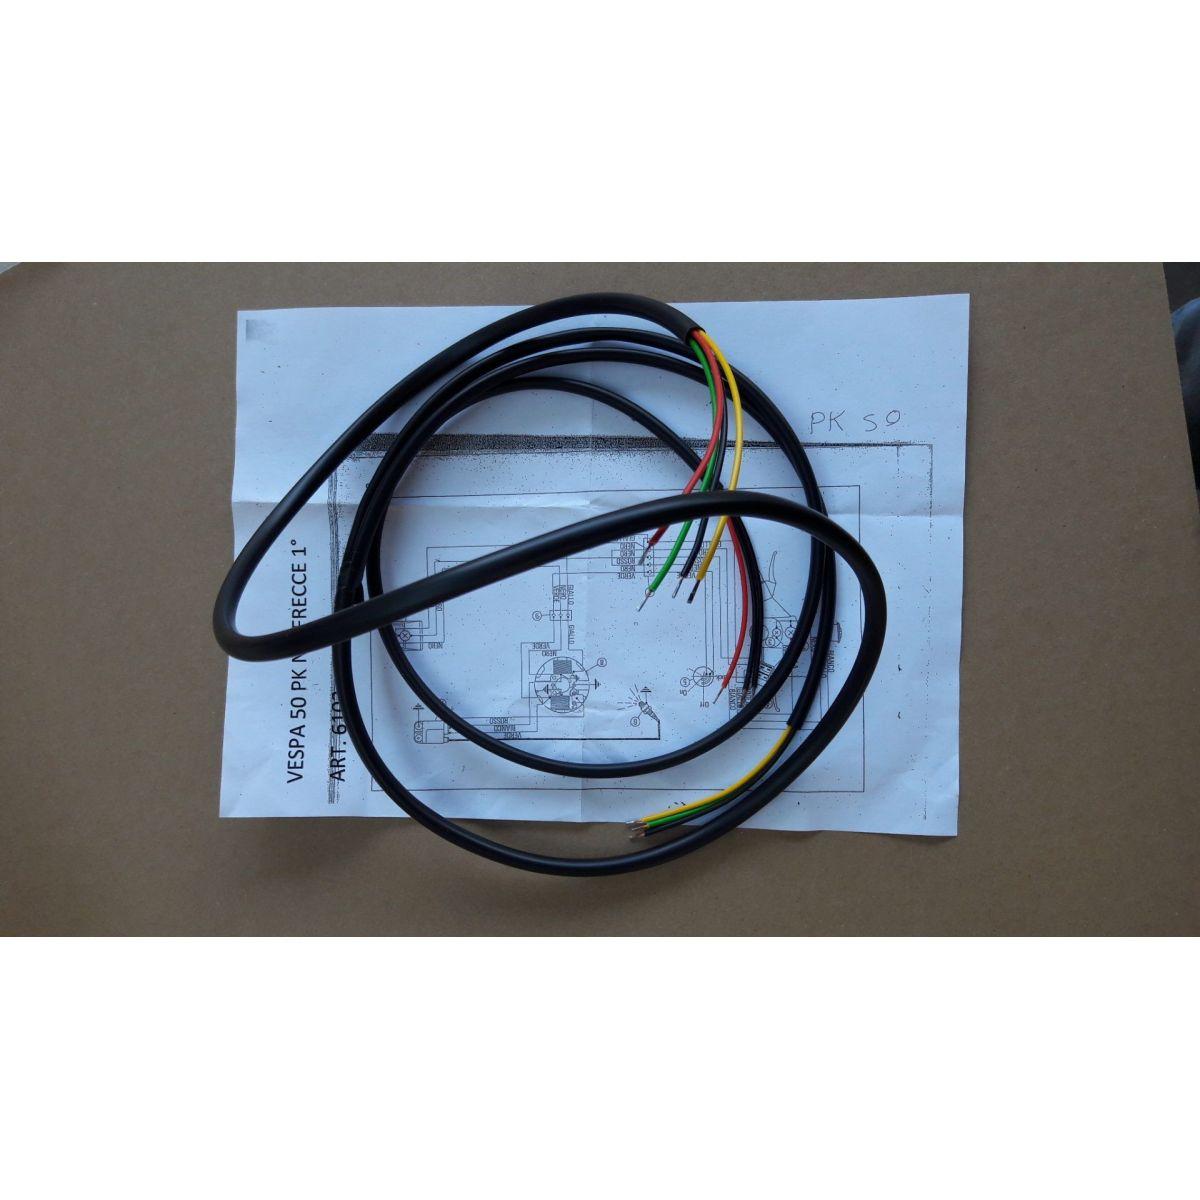 Impianto elettrico per Vespa prima serie pk – s